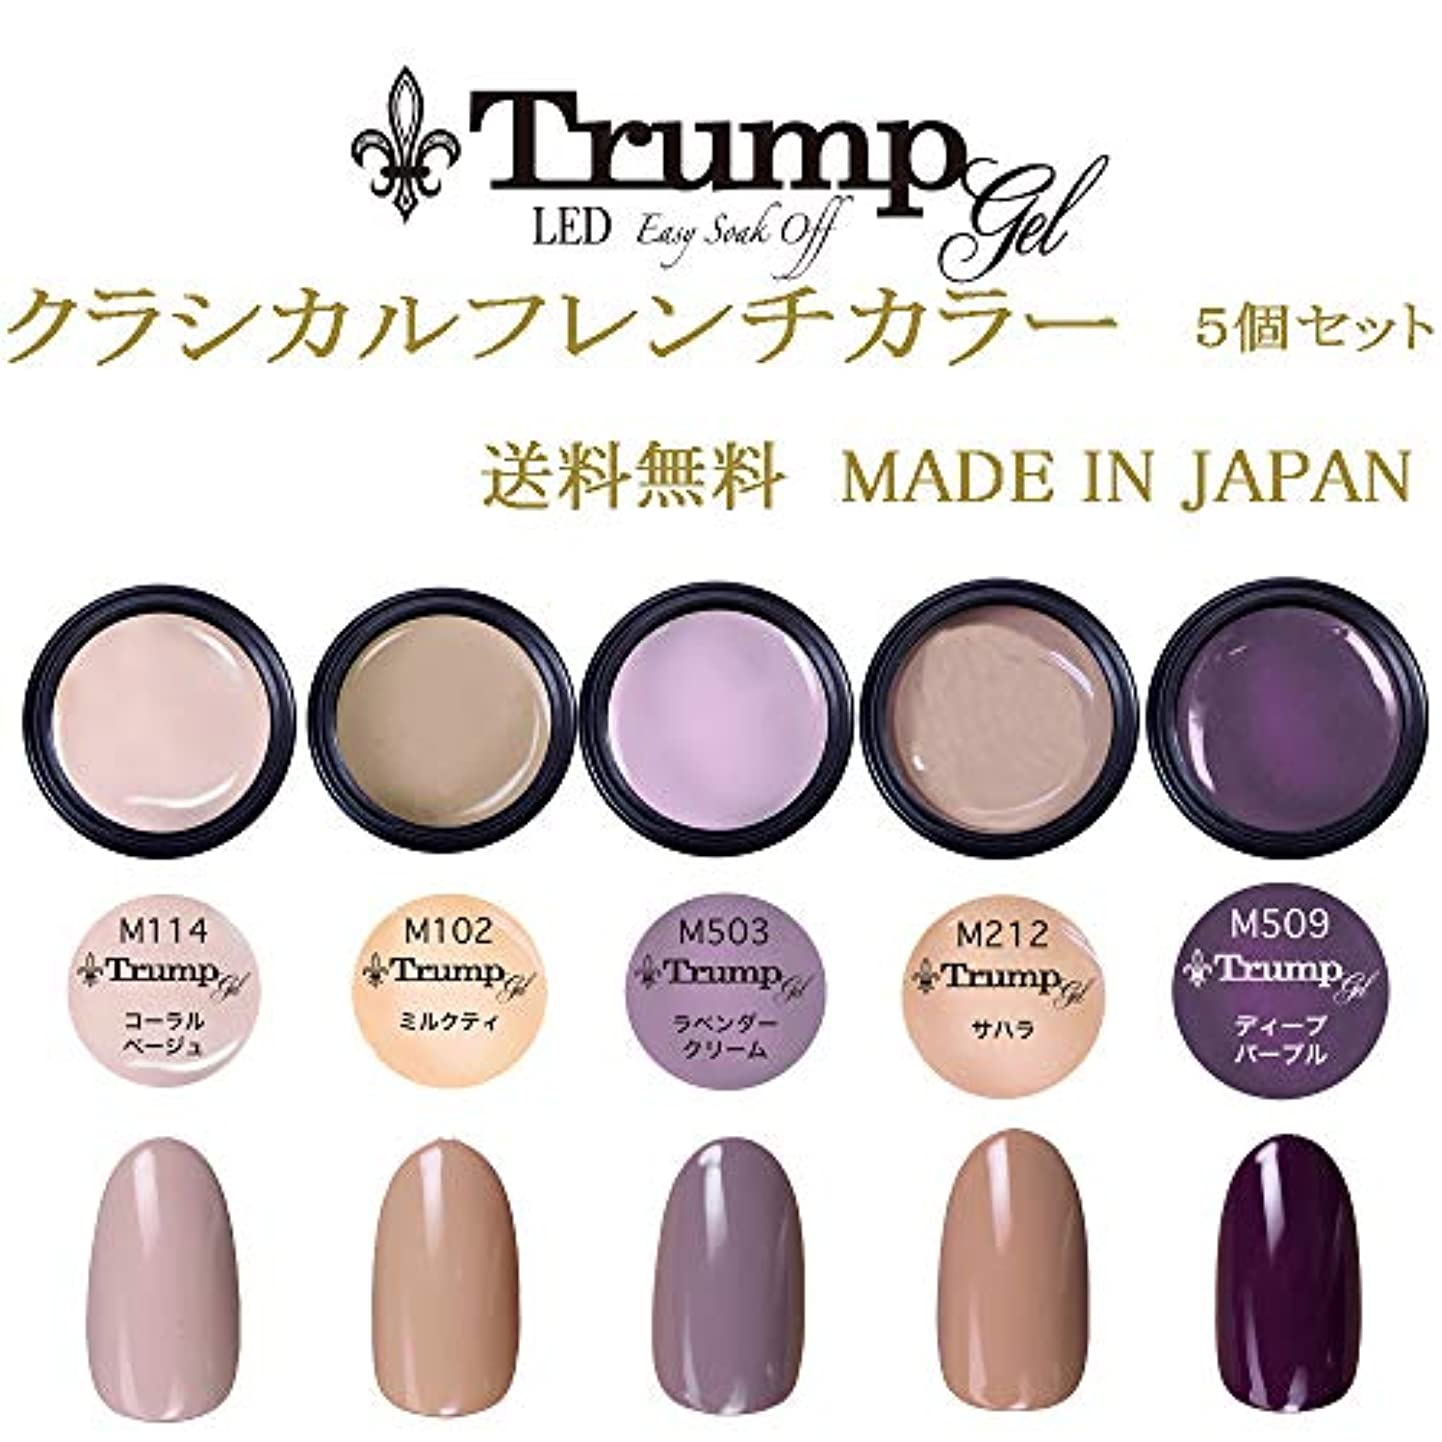 保護ちらつき忘れっぽい【送料無料】日本製 Trump gel トランプジェル クラシカルフレンチカラージェル 5個セット スタイリッシュでオシャレな 白べっ甲カラージェルセット